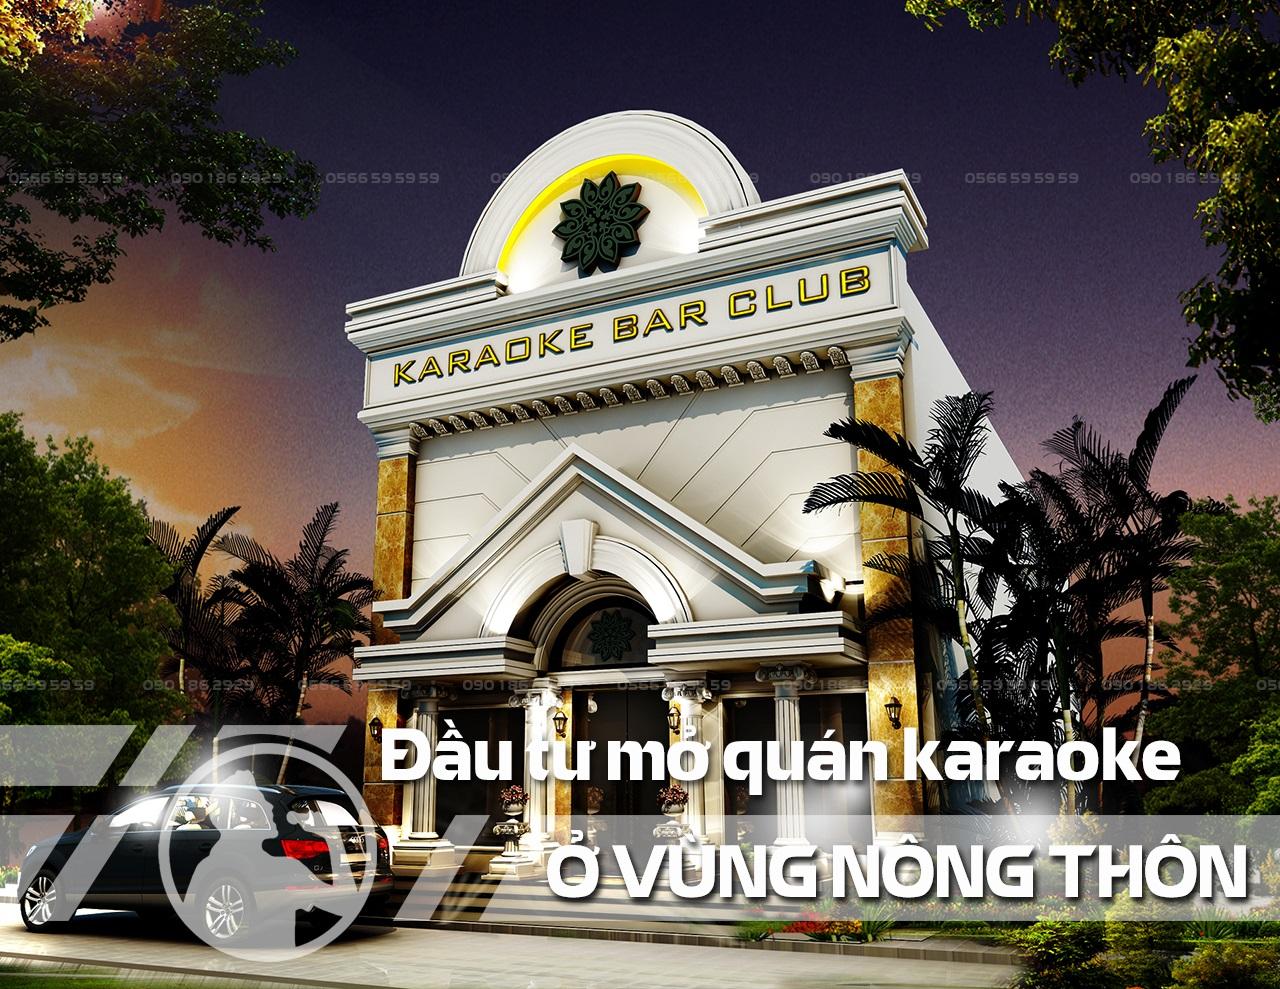 Mở quán karaoke kinh doanh ở nông thôn